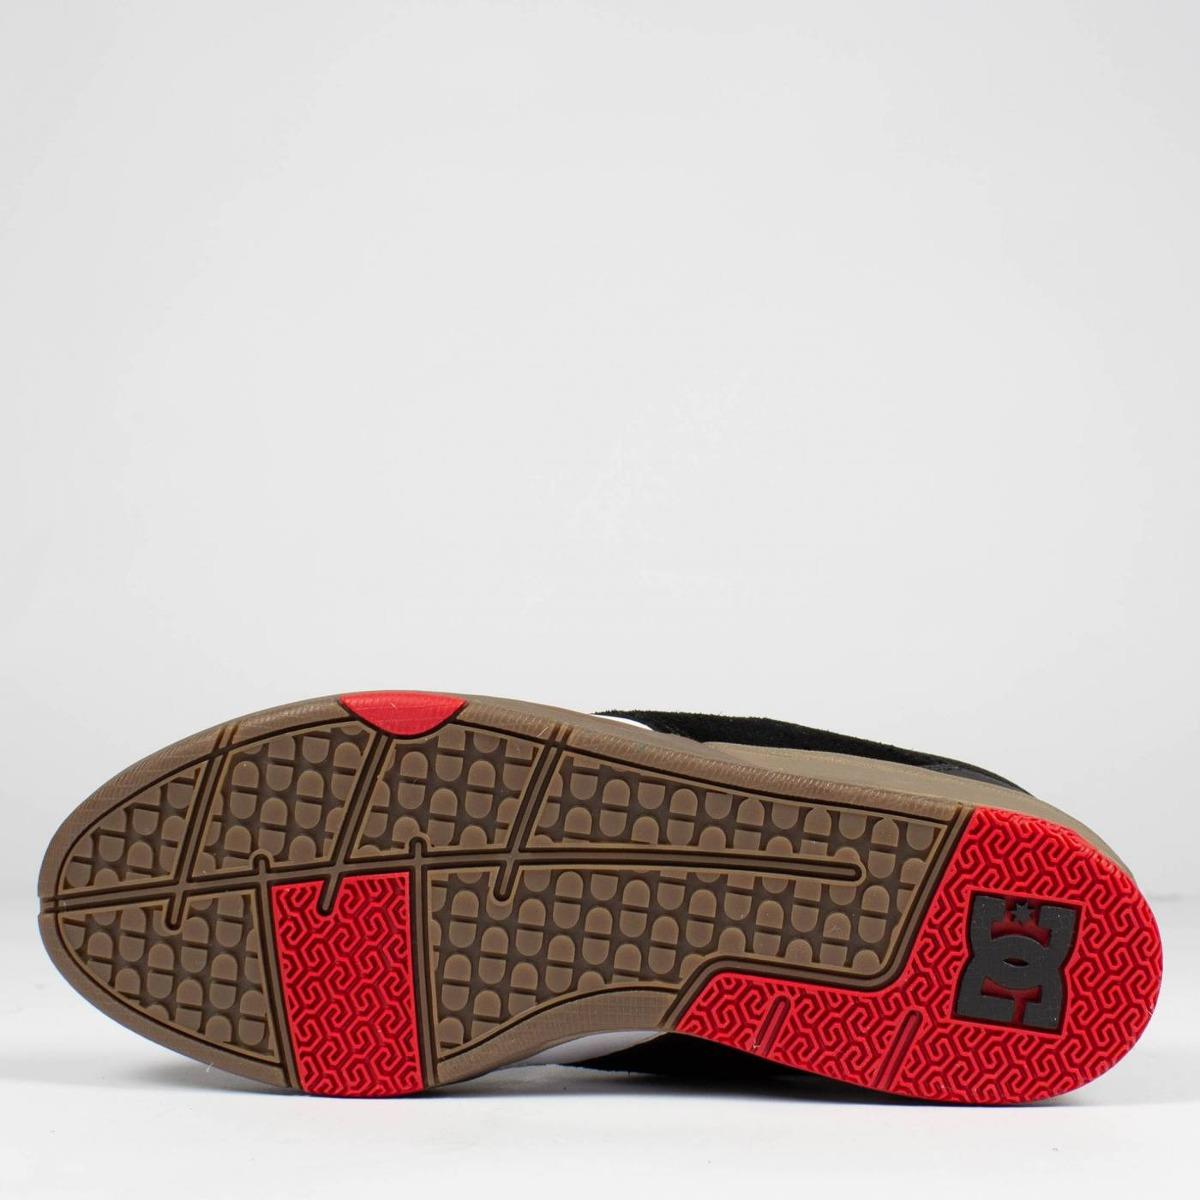 c83a1d7073 tênis skate dc shoes tiago s. black gum original. Carregando zoom.